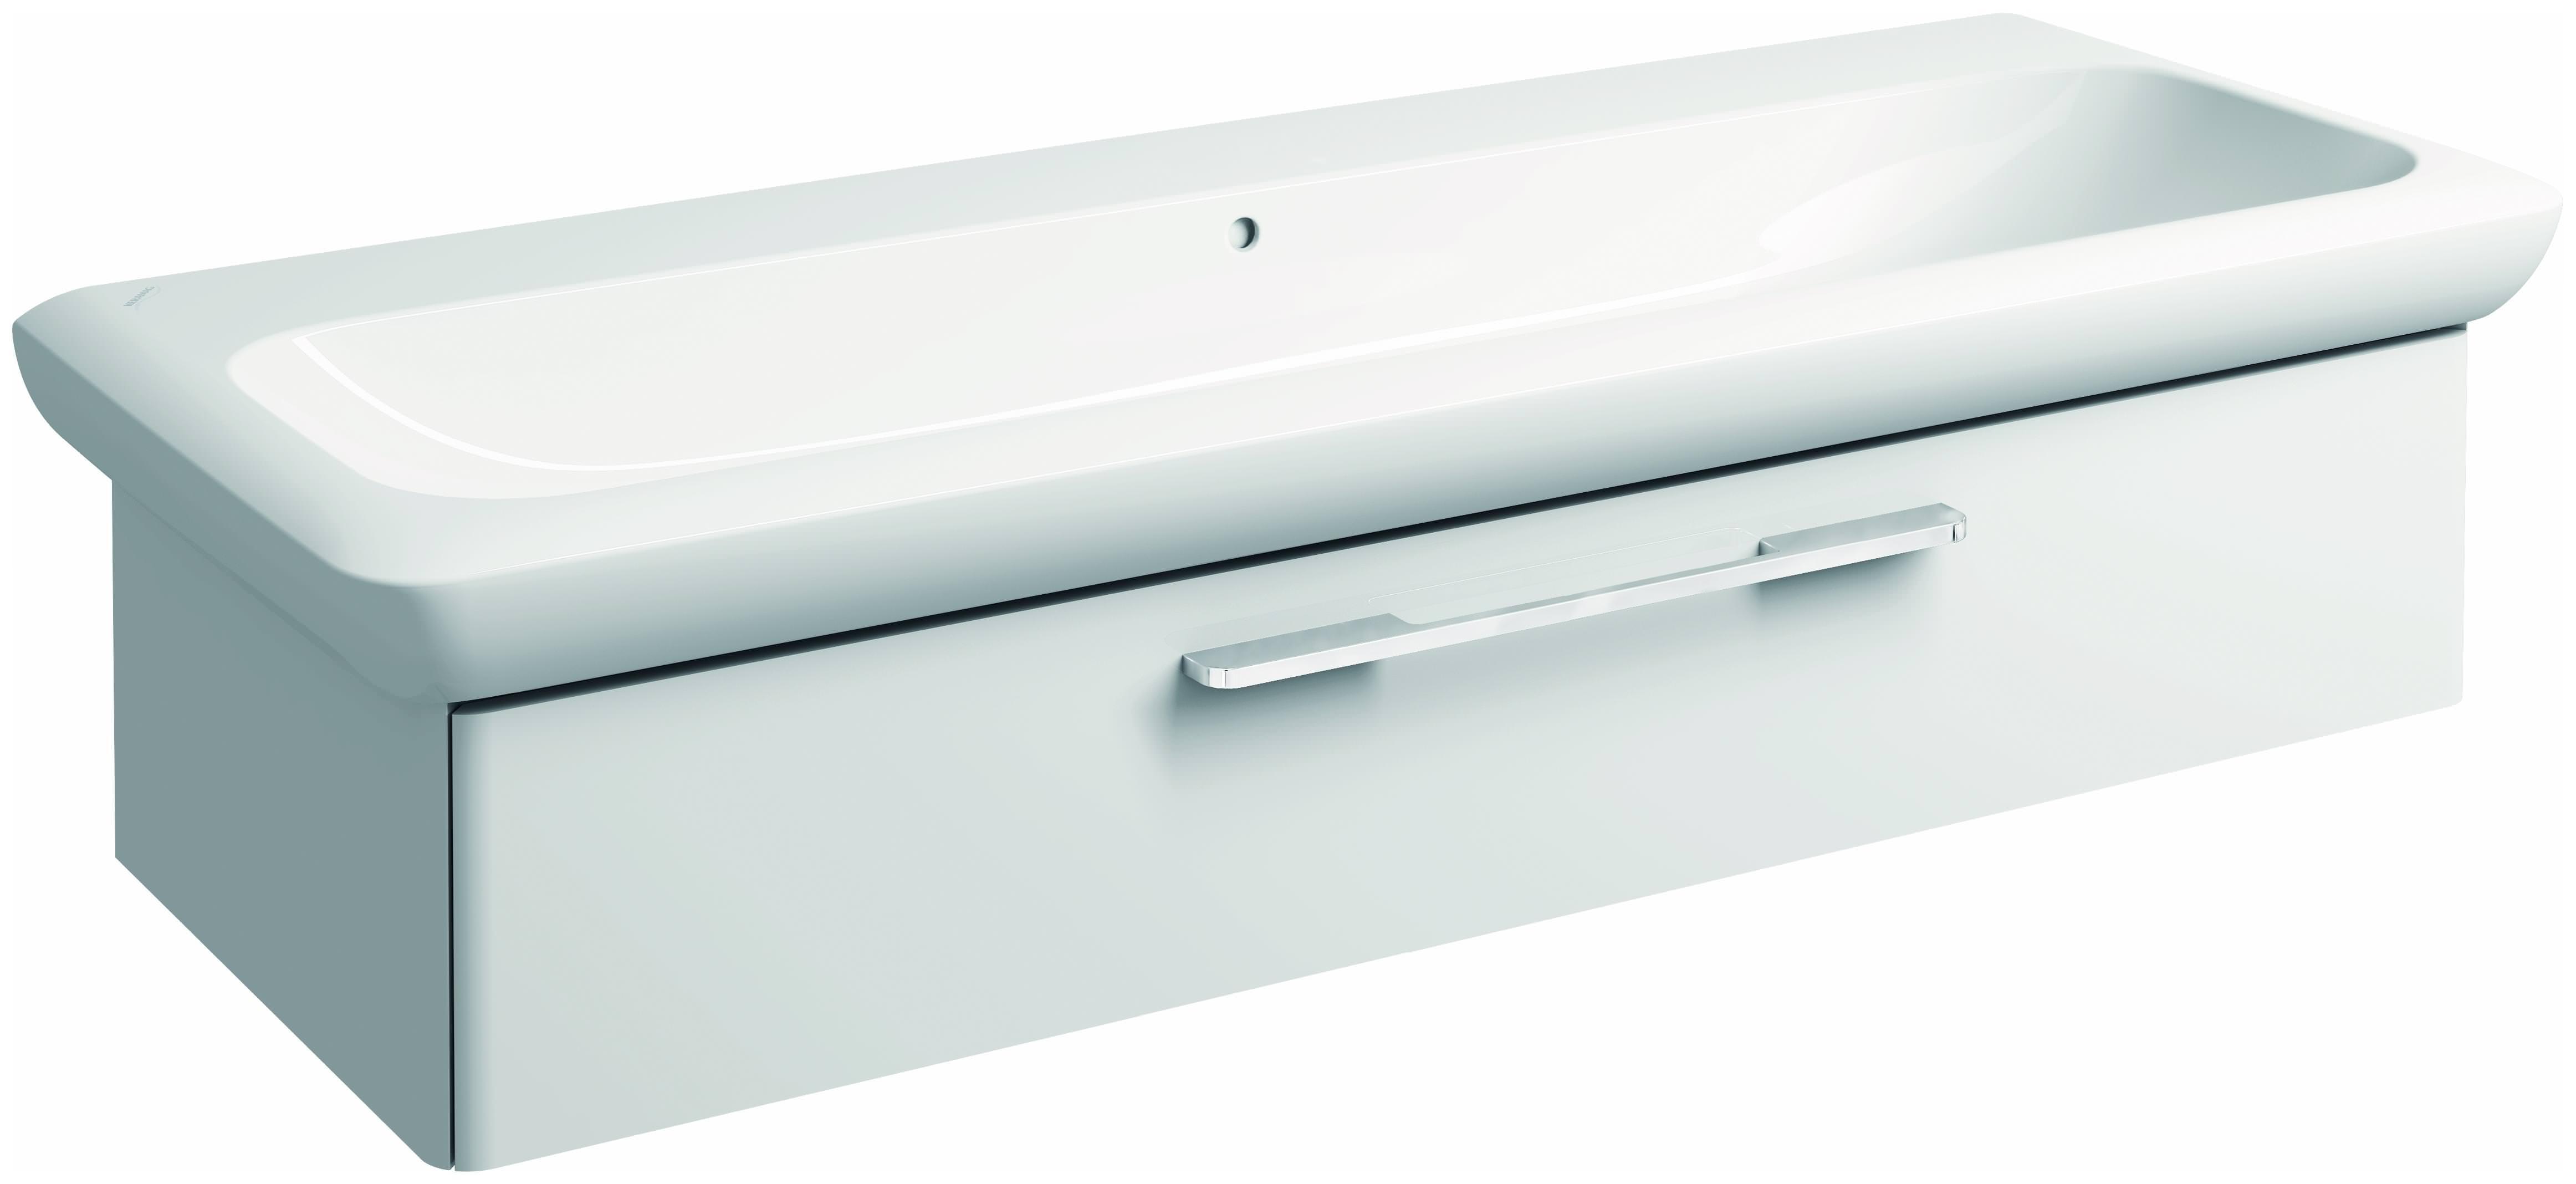 keramag it waschtisch ohne hahnloch mit berlauf 1300mm x. Black Bedroom Furniture Sets. Home Design Ideas